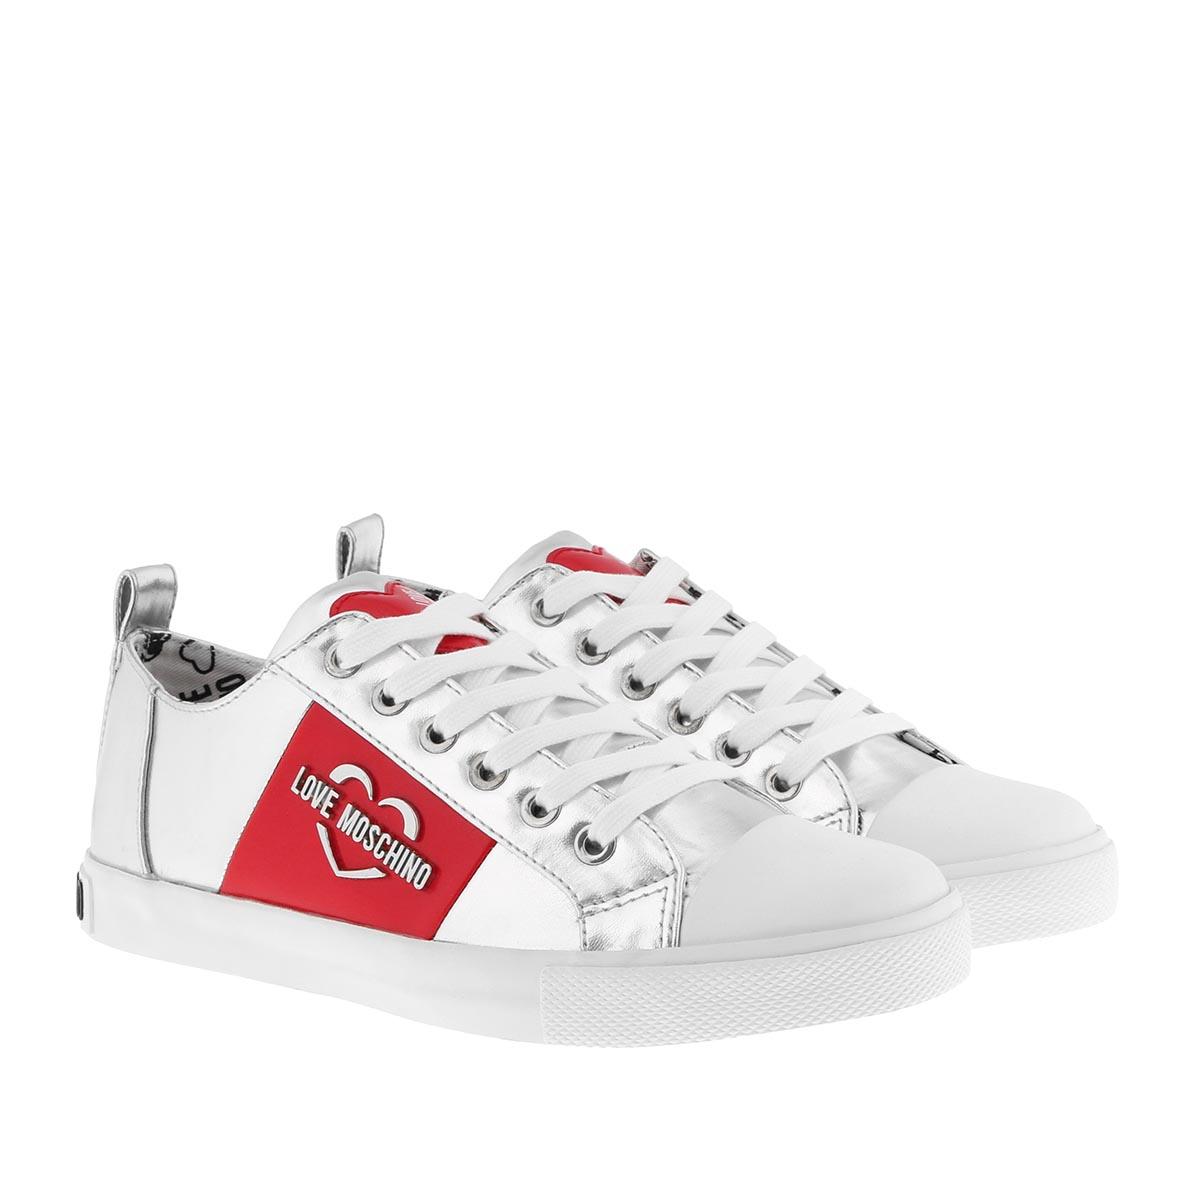 Love Moschino Sneakers - Gomma Sneaker Argento - in silber - für Damen